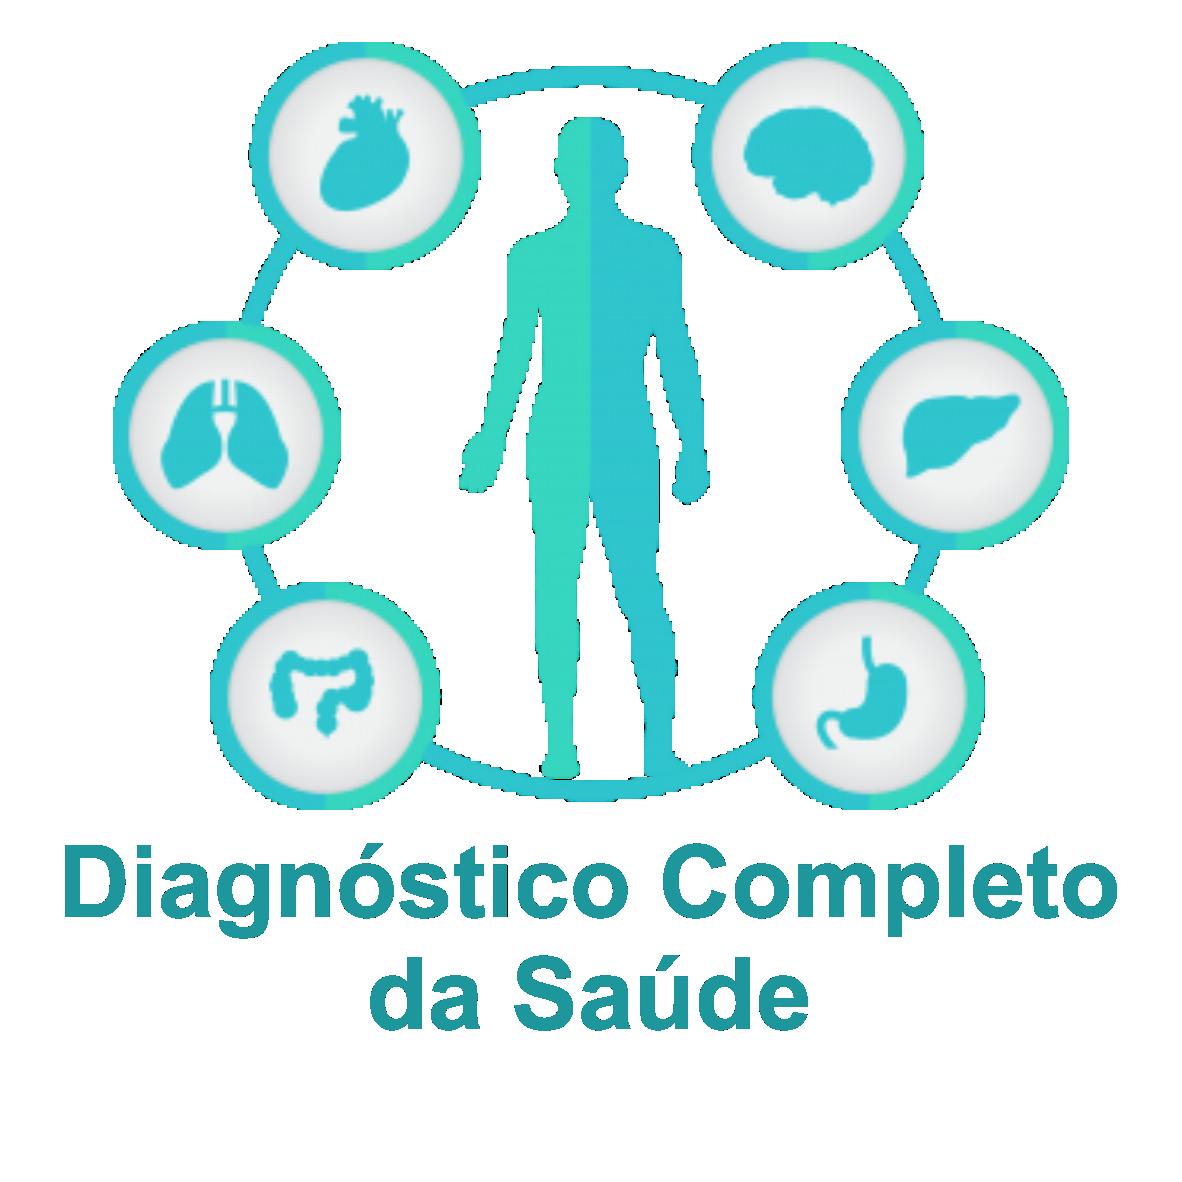 Diagnóstico Completo da Saúde